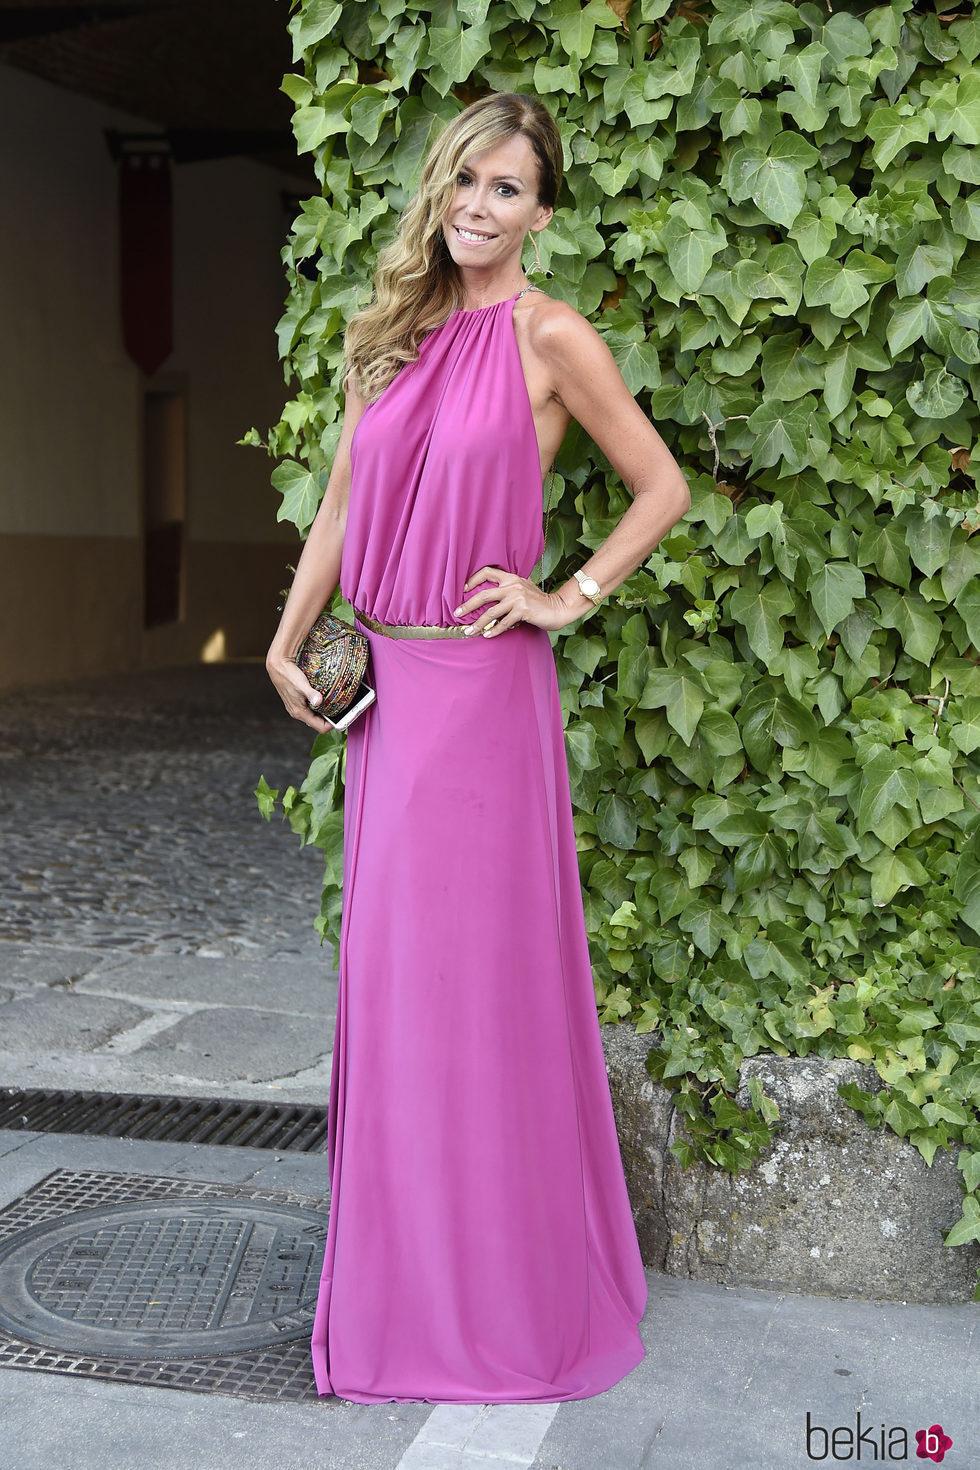 Lara Dibildos en la boda de Rocío Carrascto y Fidel Albiac ...